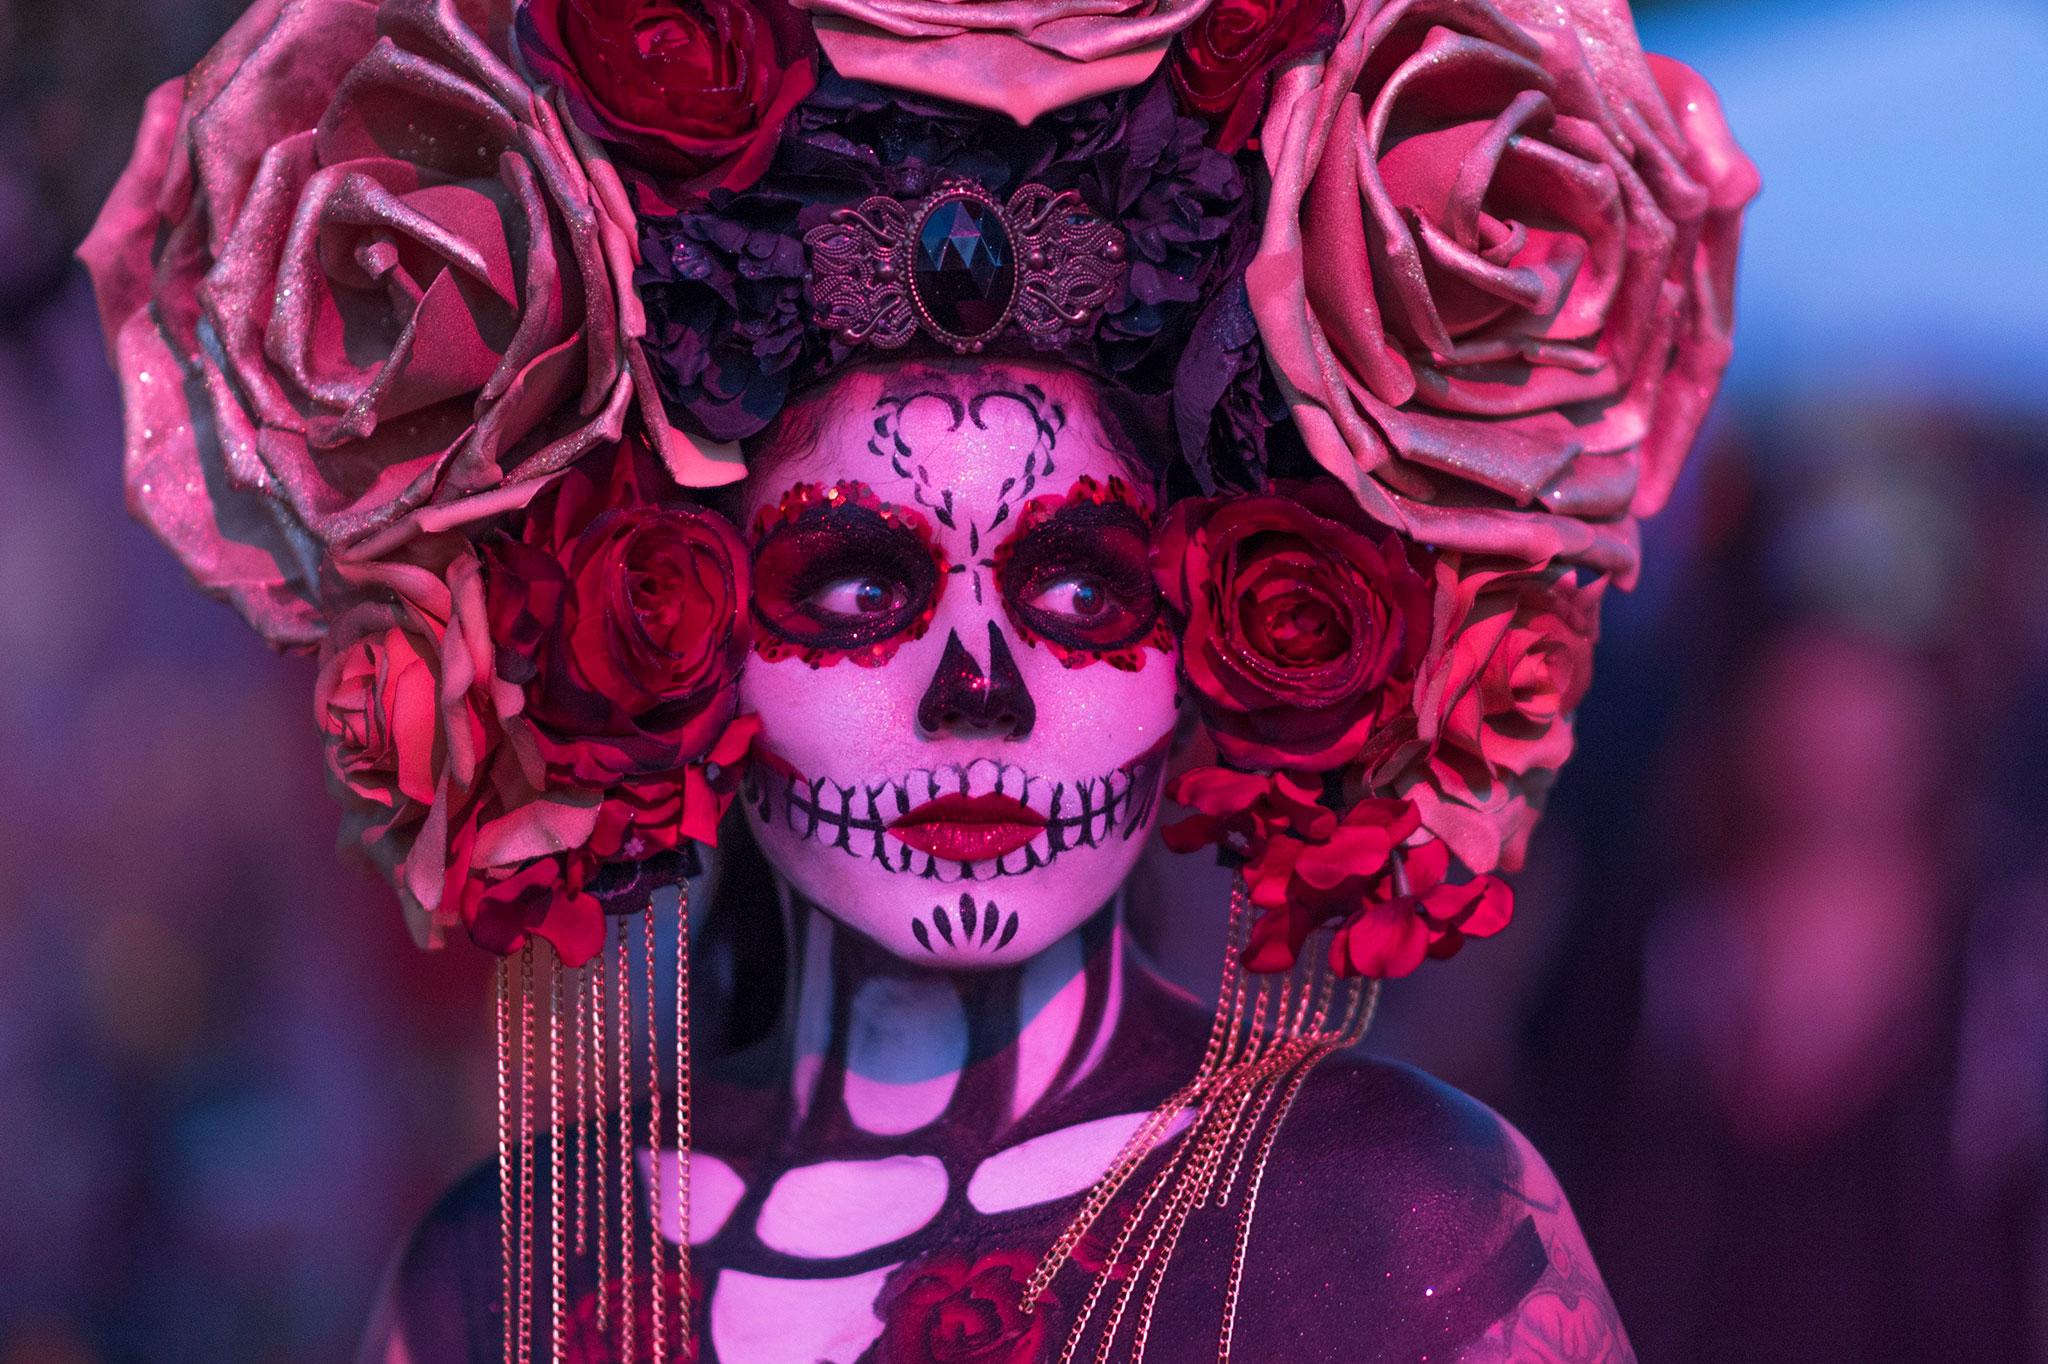 روز مردگان در مکزیک؛ جشنی برای بازگشت مردهها به زمین